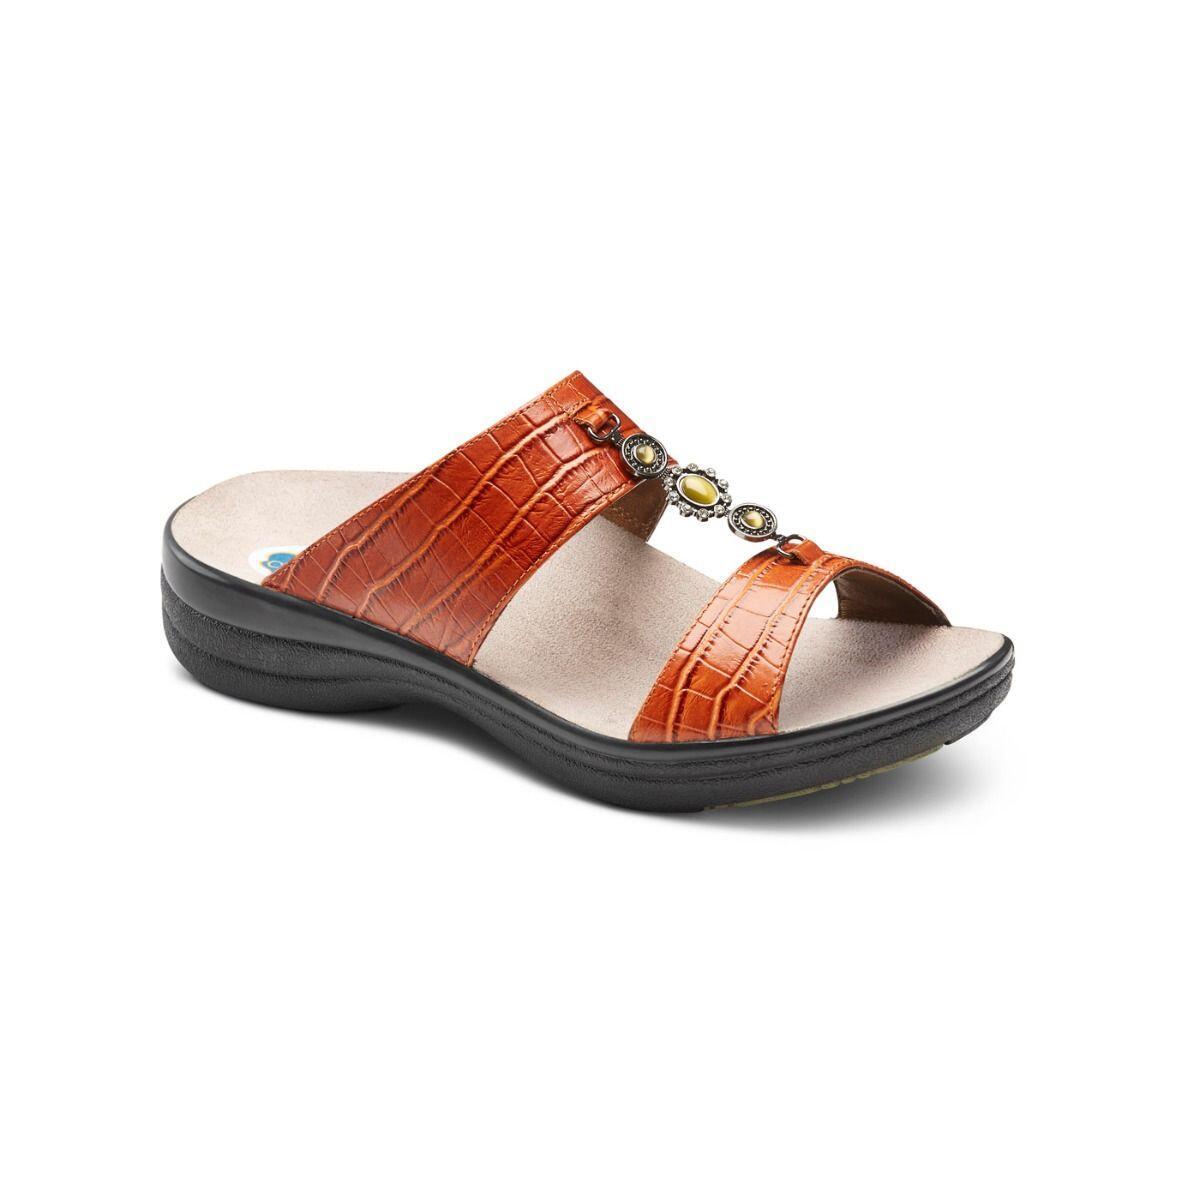 Dr Comfort Sharon Women's Sandal